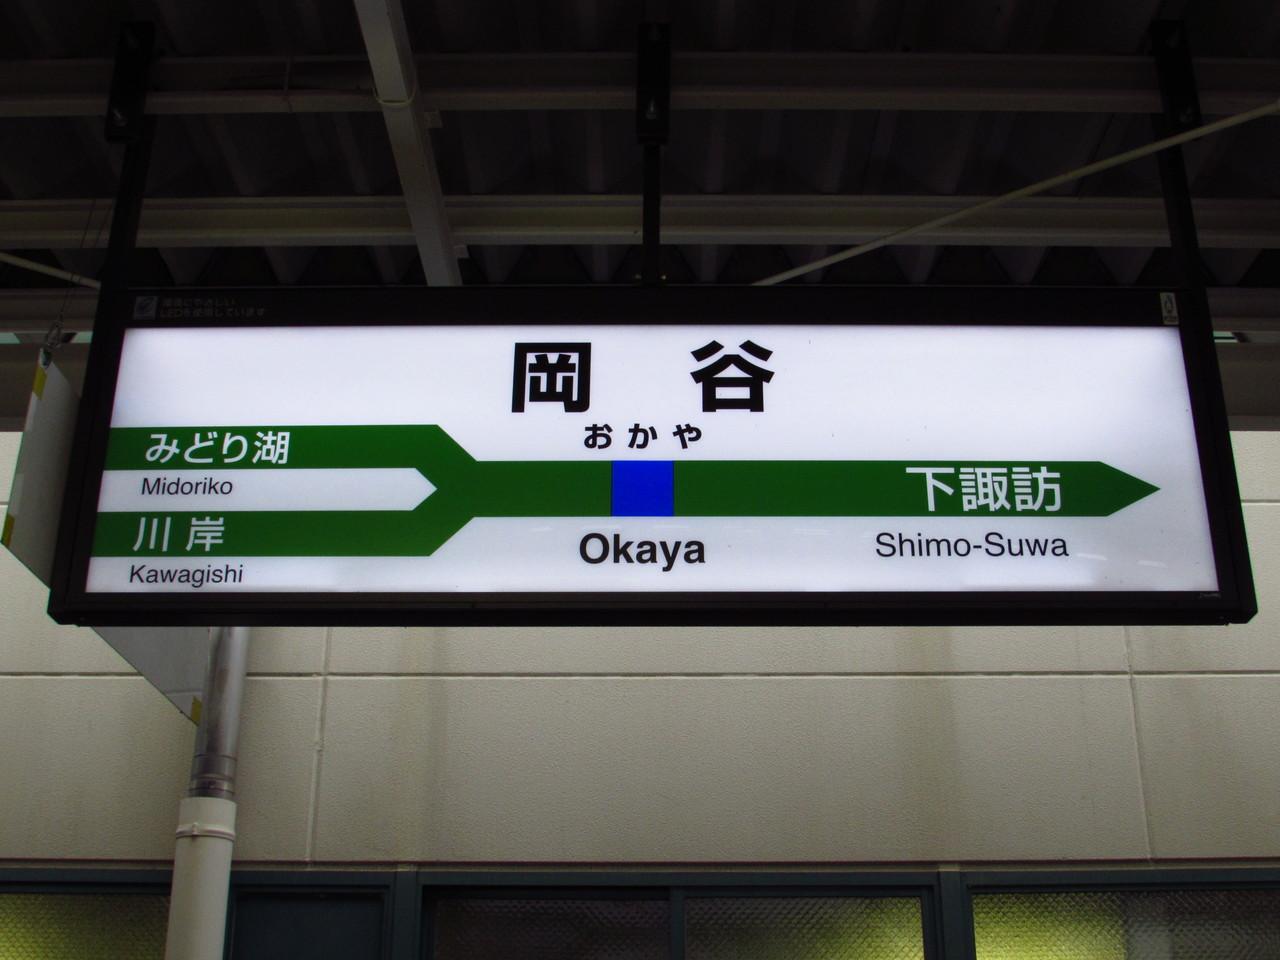 鉄路の響きを追って ~第二章~18旅2016夏・JR東海完乗へ・・・ XIV ~岡谷駅~                   Masahiko